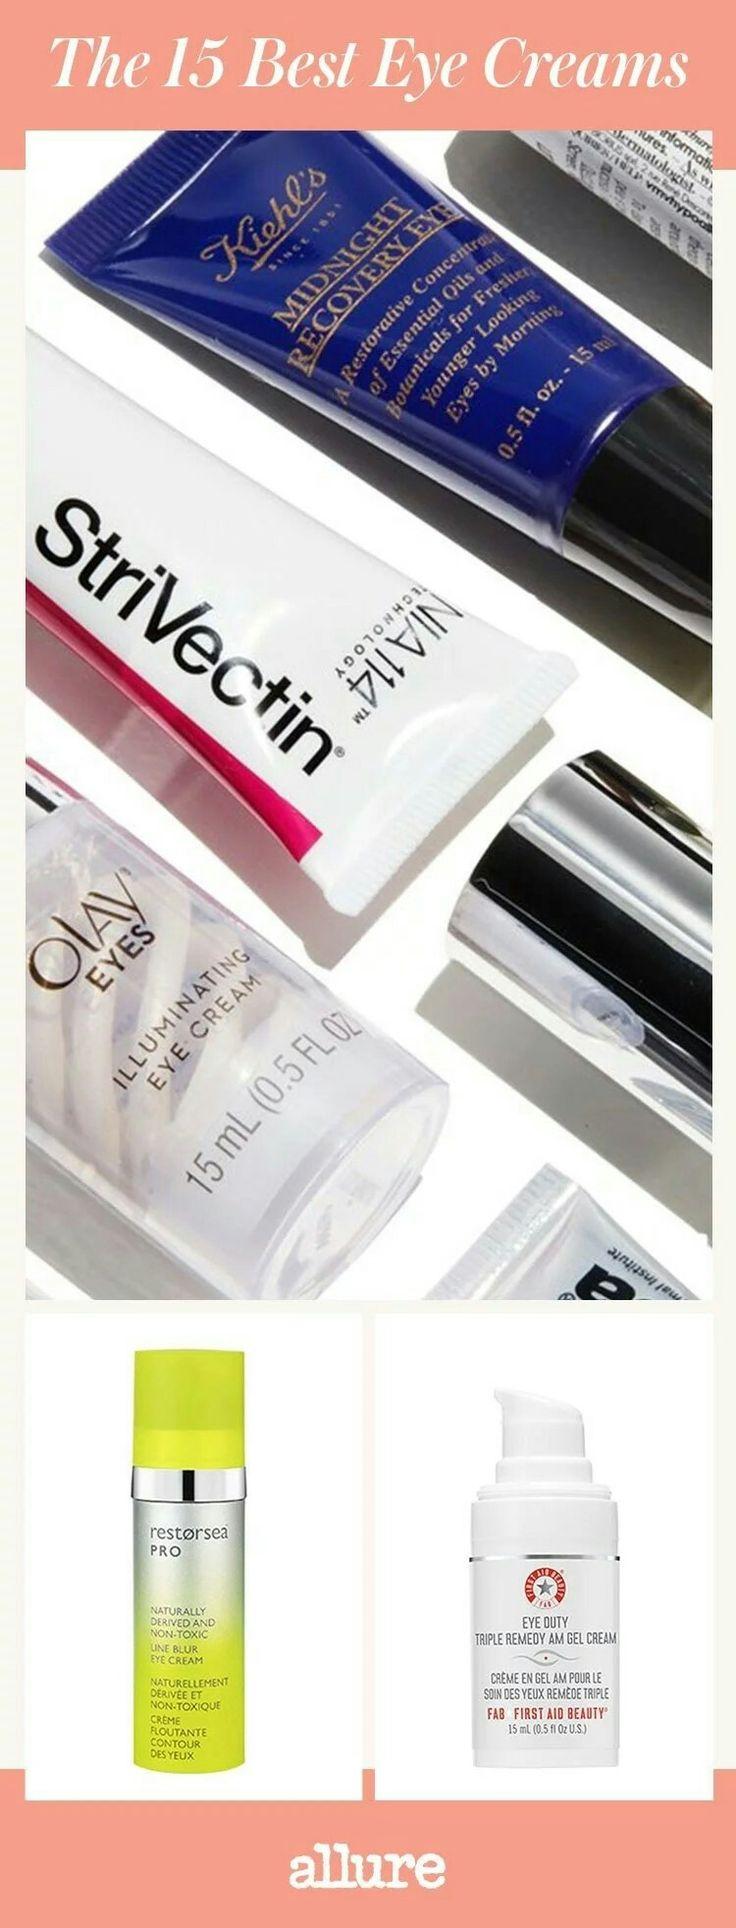 Top Retinol Eye creams